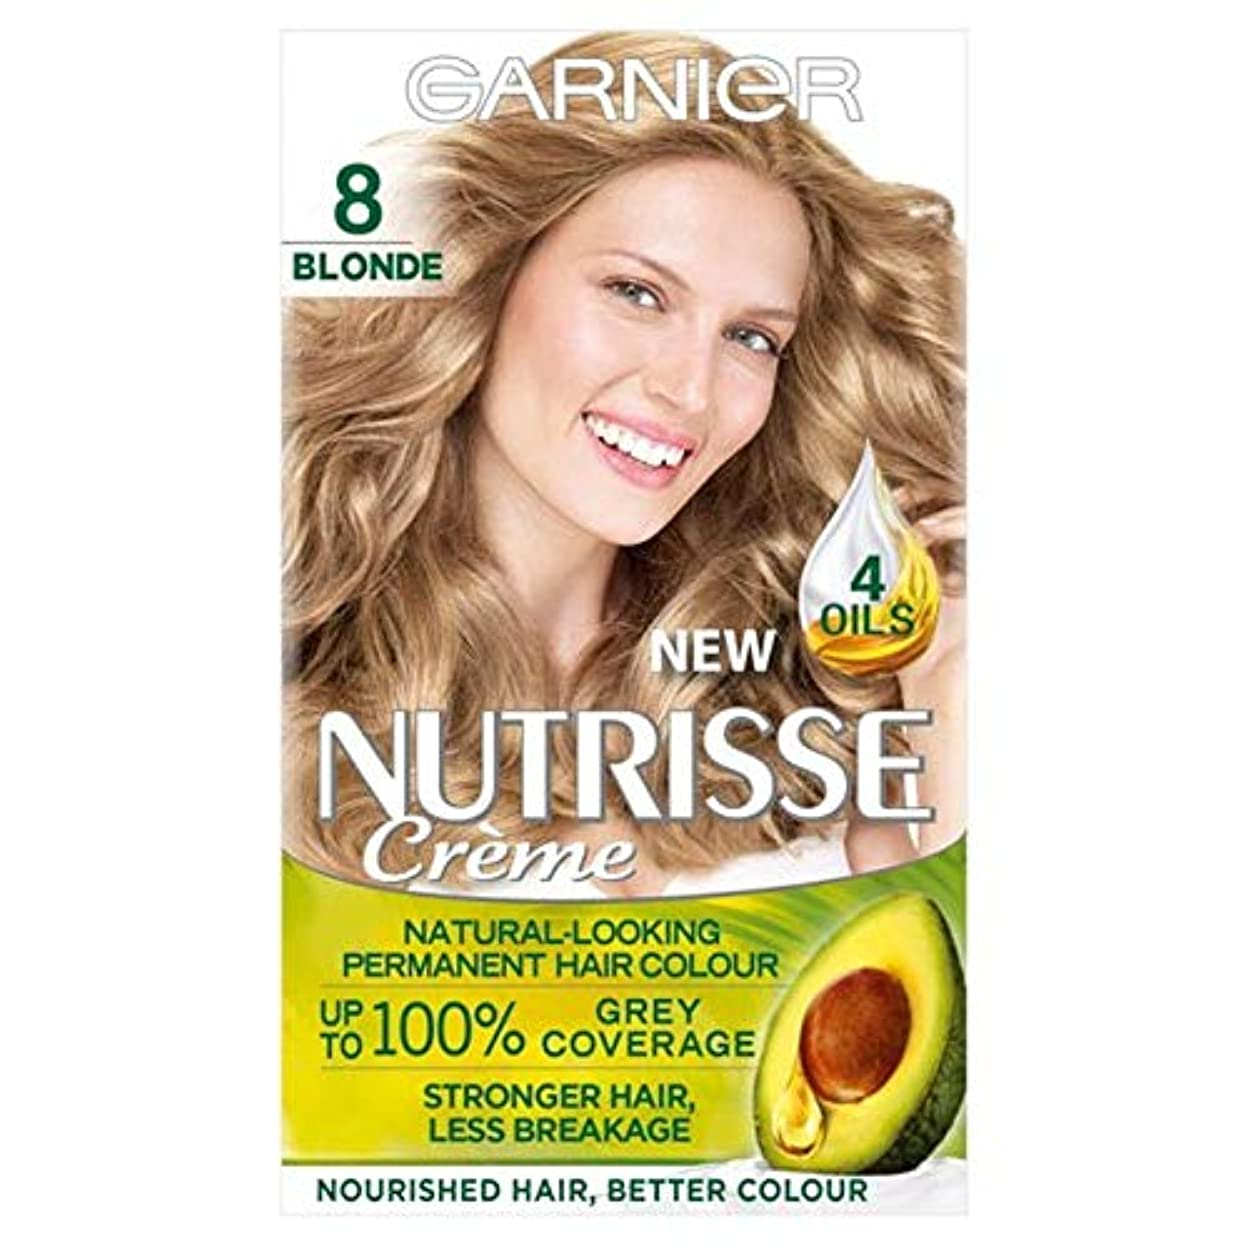 伝染性消去動員する[Nutrisse] 8ブロンドの永久染毛剤Nutrisseガルニエ - Garnier Nutrisse 8 Blonde Permanent Hair Dye [並行輸入品]